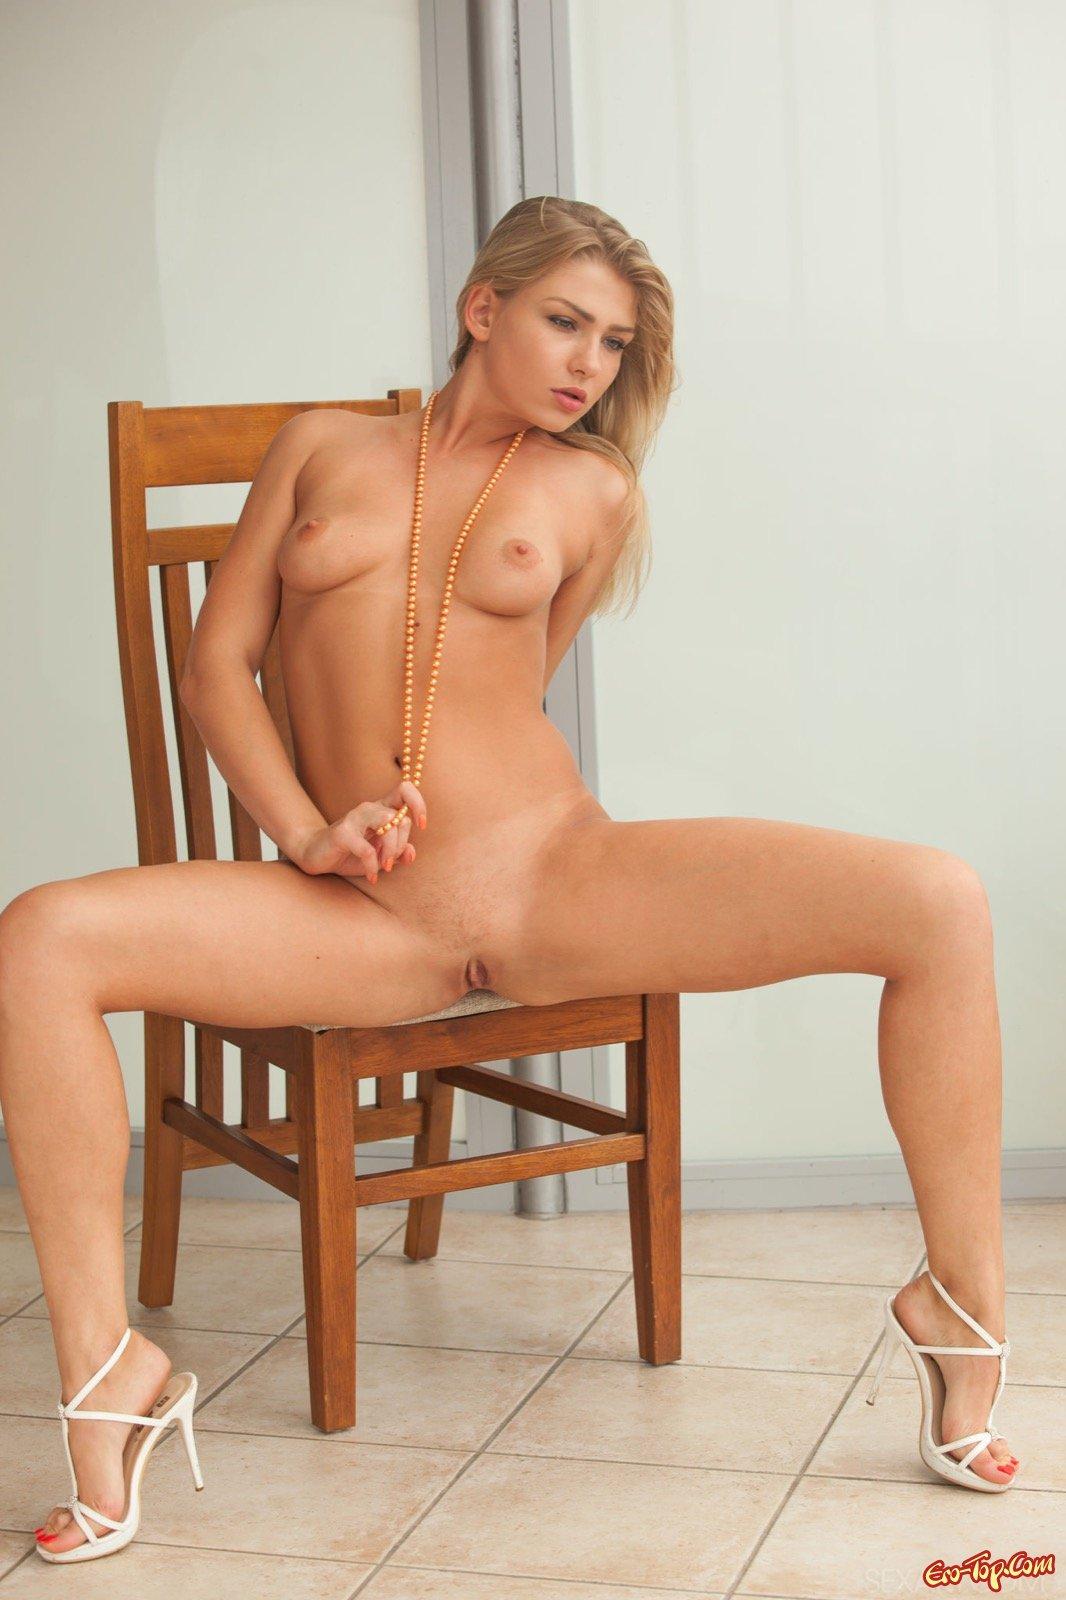 Сняв бикини красоточка показала пилотку сидя на стуле